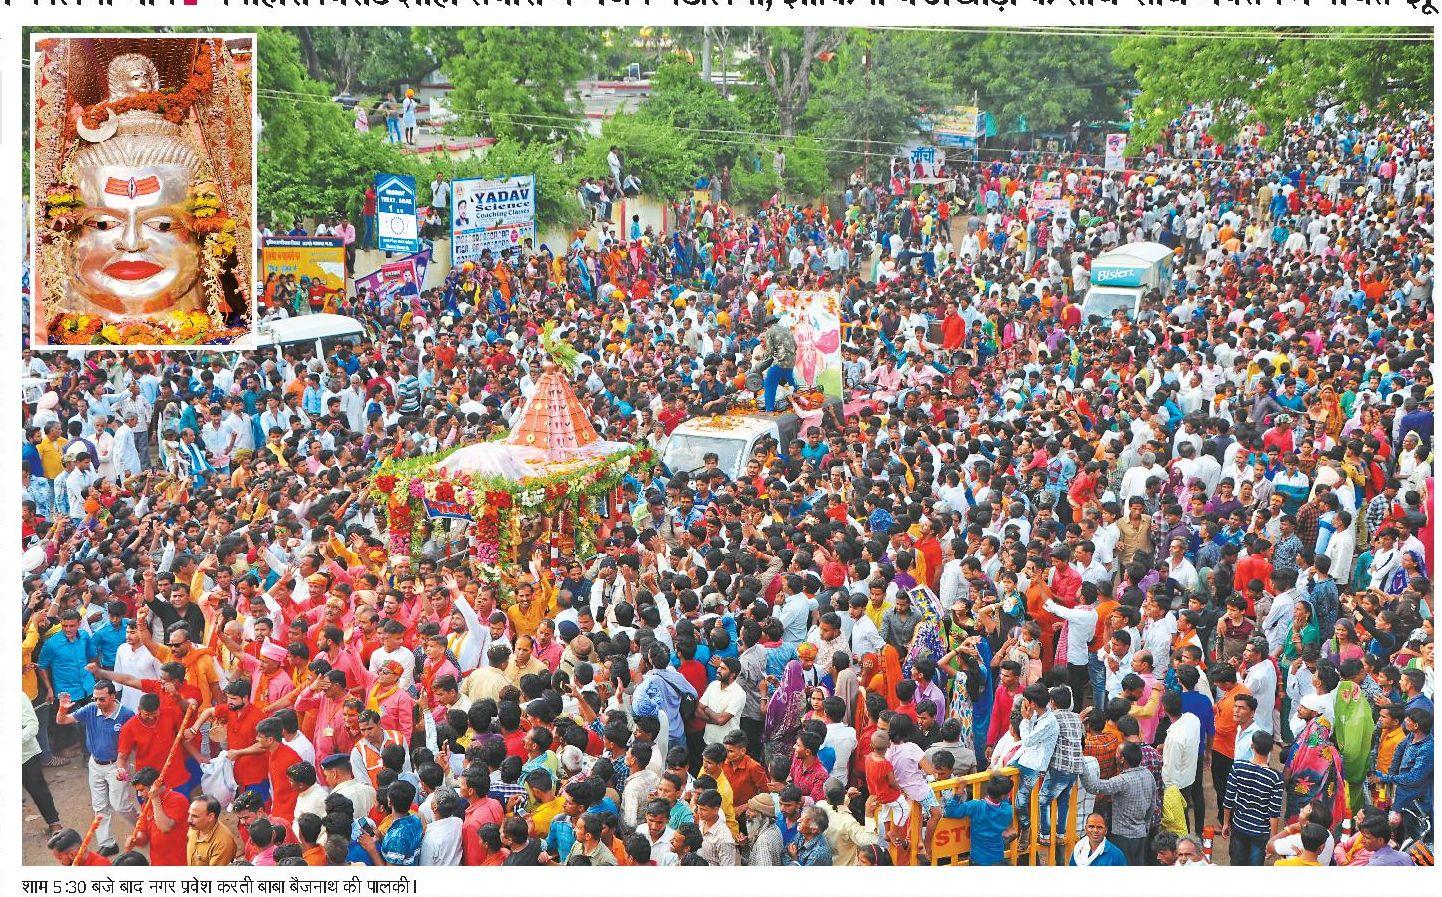 एक लाख भक्तों ने आगर में किया बाबा बैजनाथ की सवारी के दर्शन